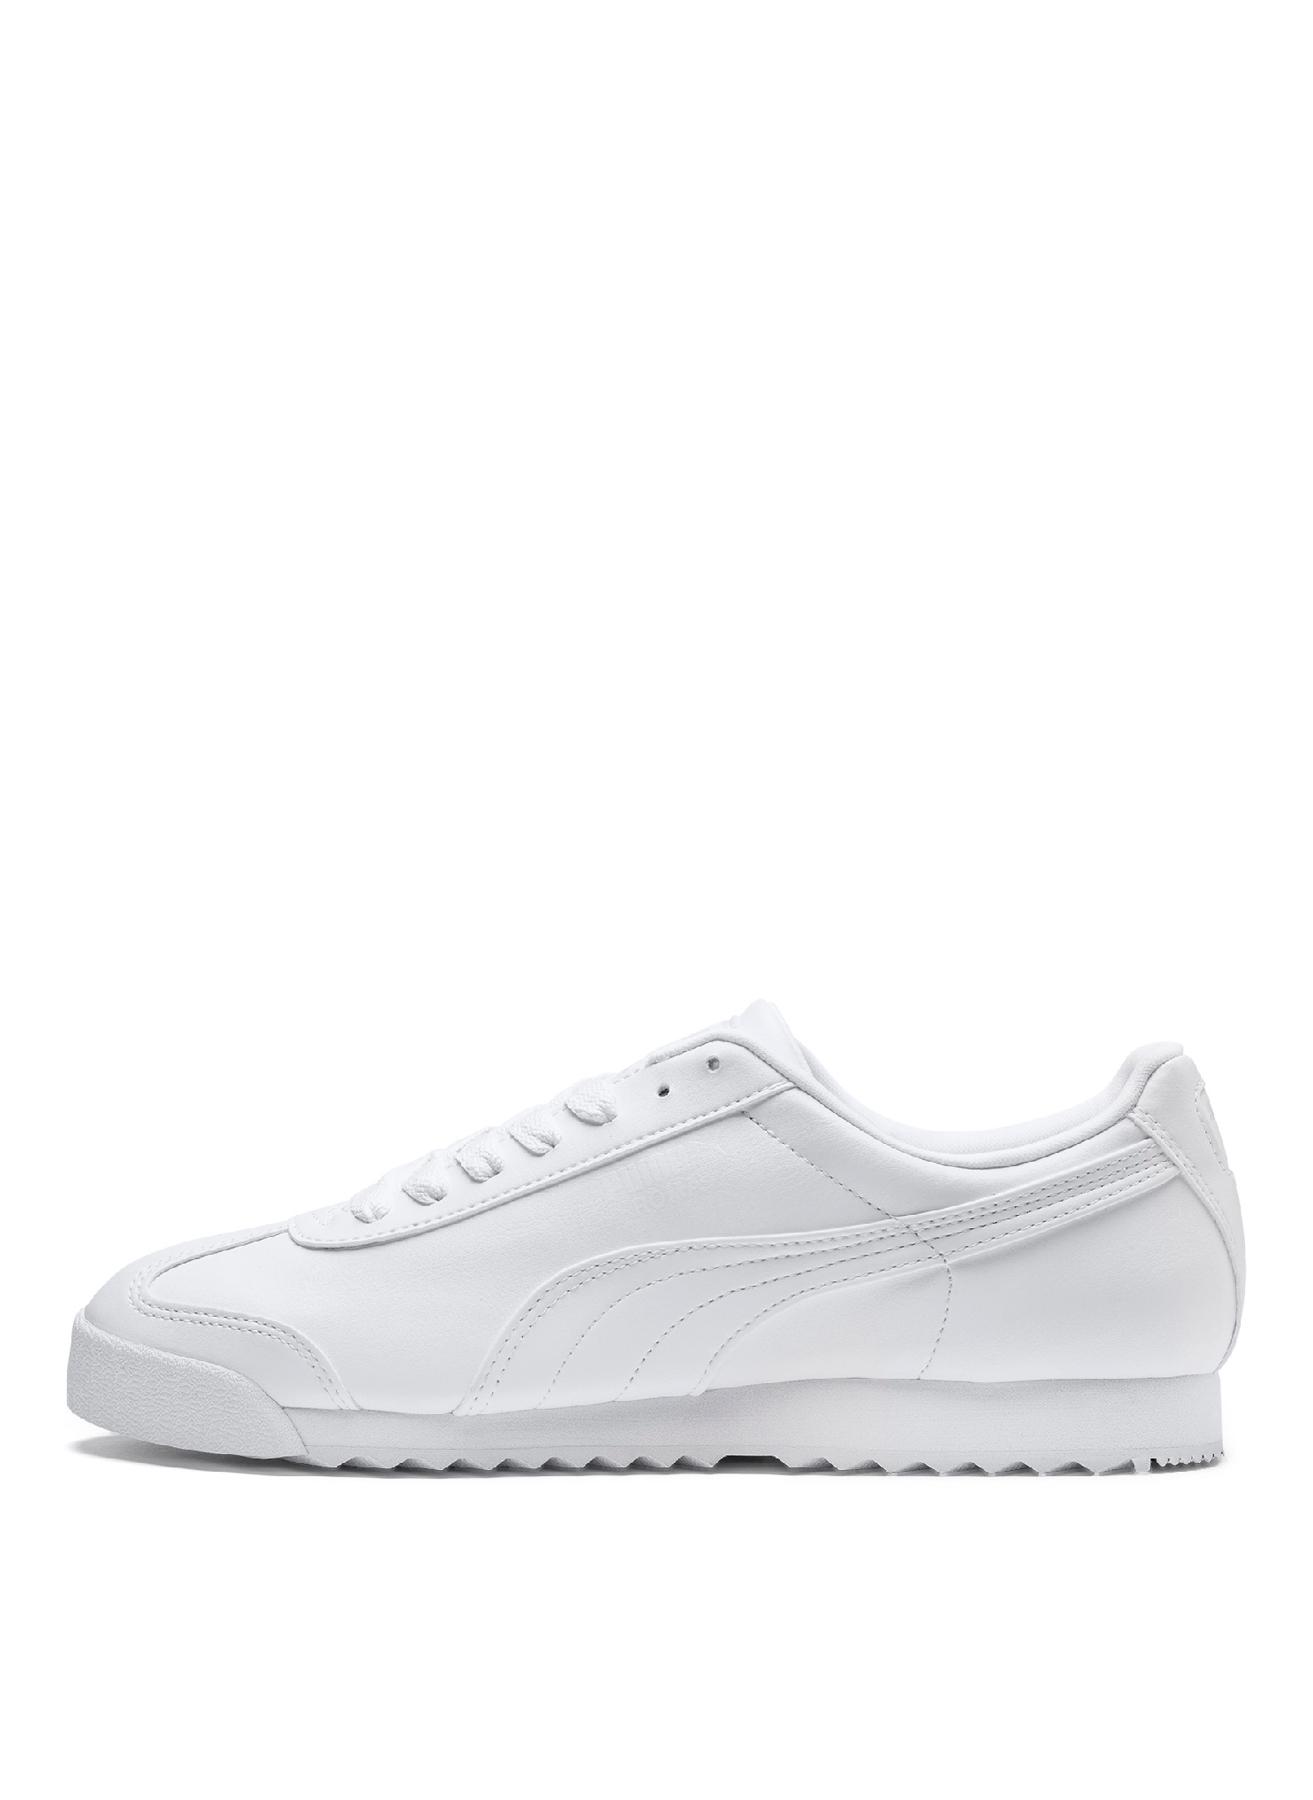 Puma Roma Basic Koşu Ayakkabısı 40.5 5001907120005 Ürün Resmi